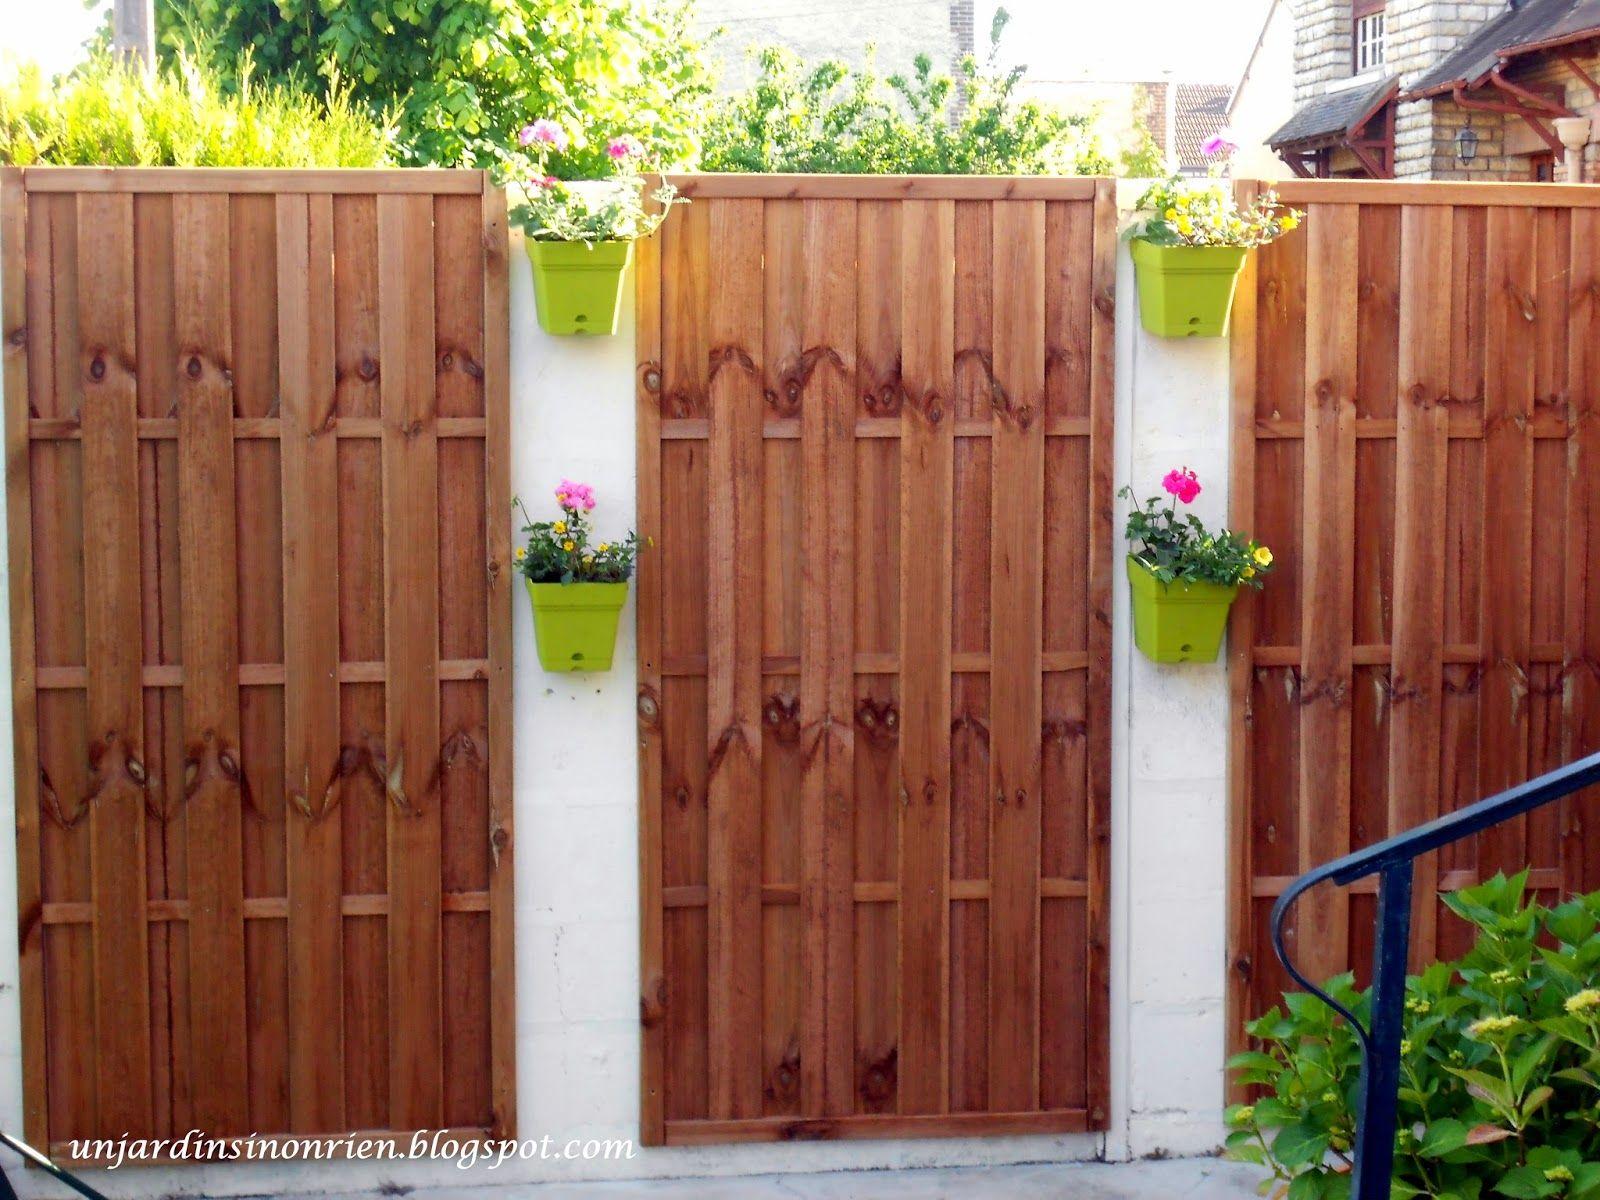 Un jardin sinon rien habiller de bois un mur ext rieur for Recouvrir mur exterieur